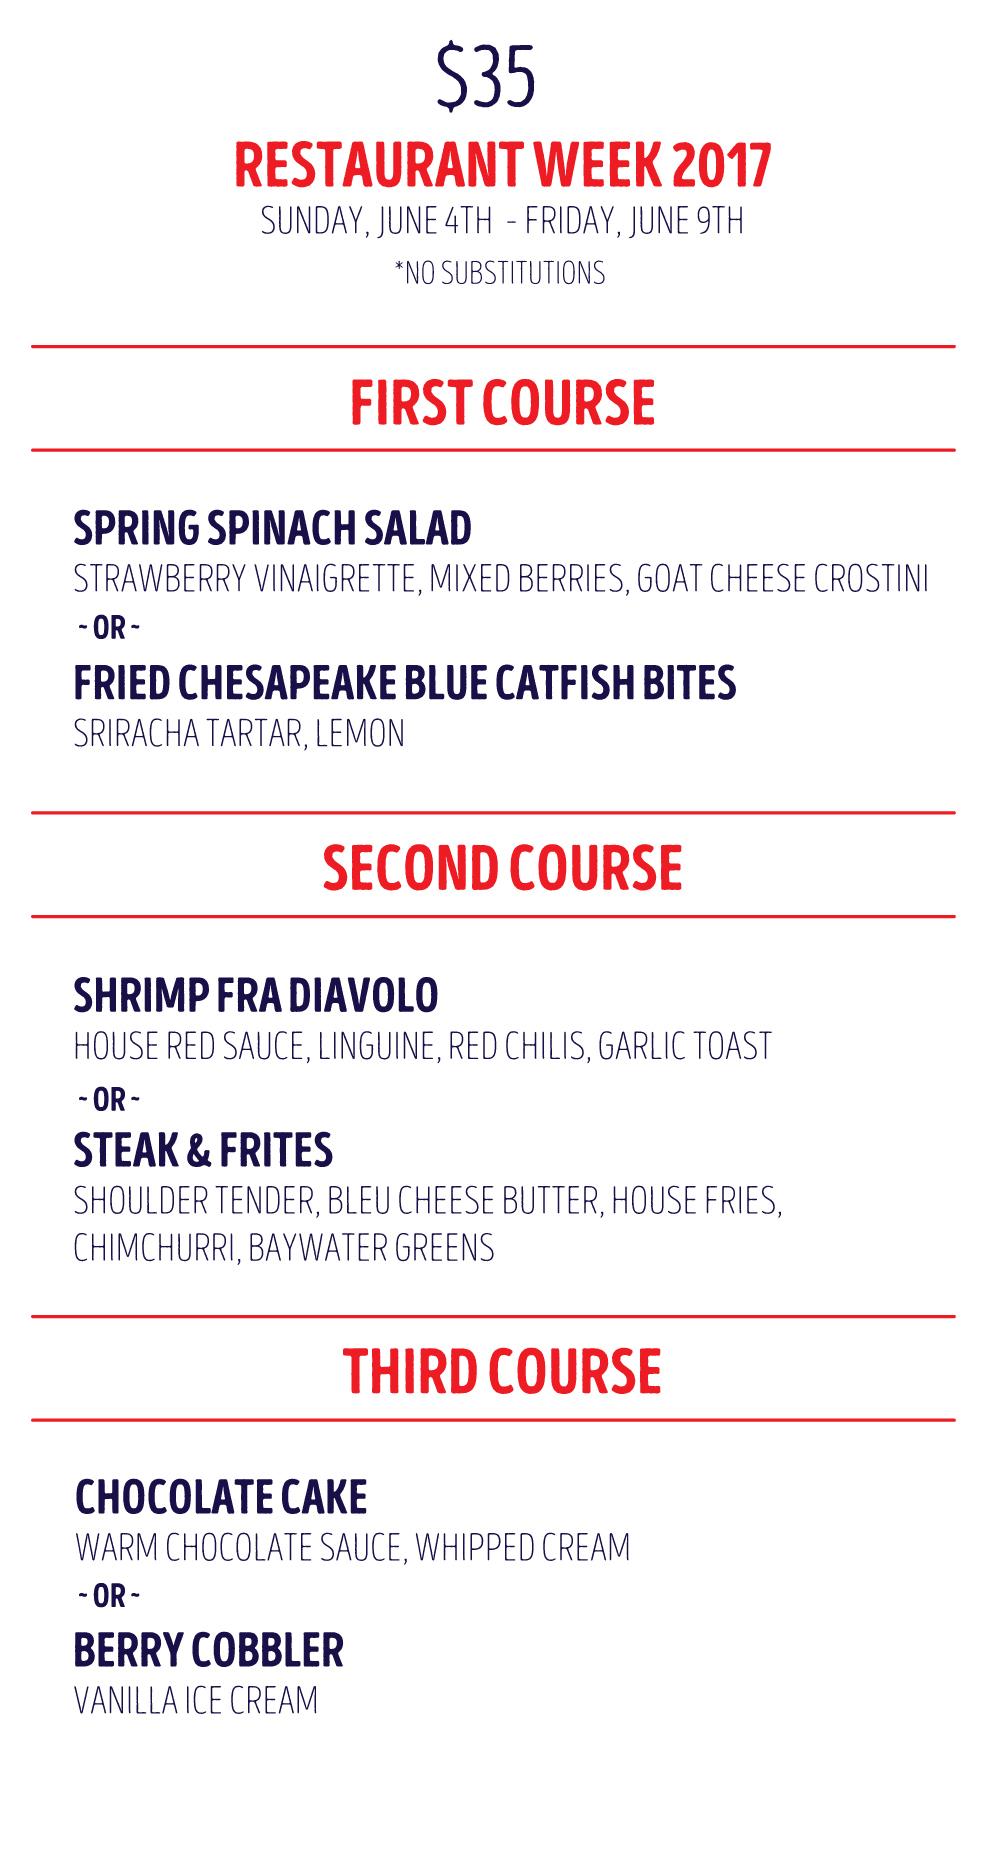 nesk_restaurant_week_menu.jpg